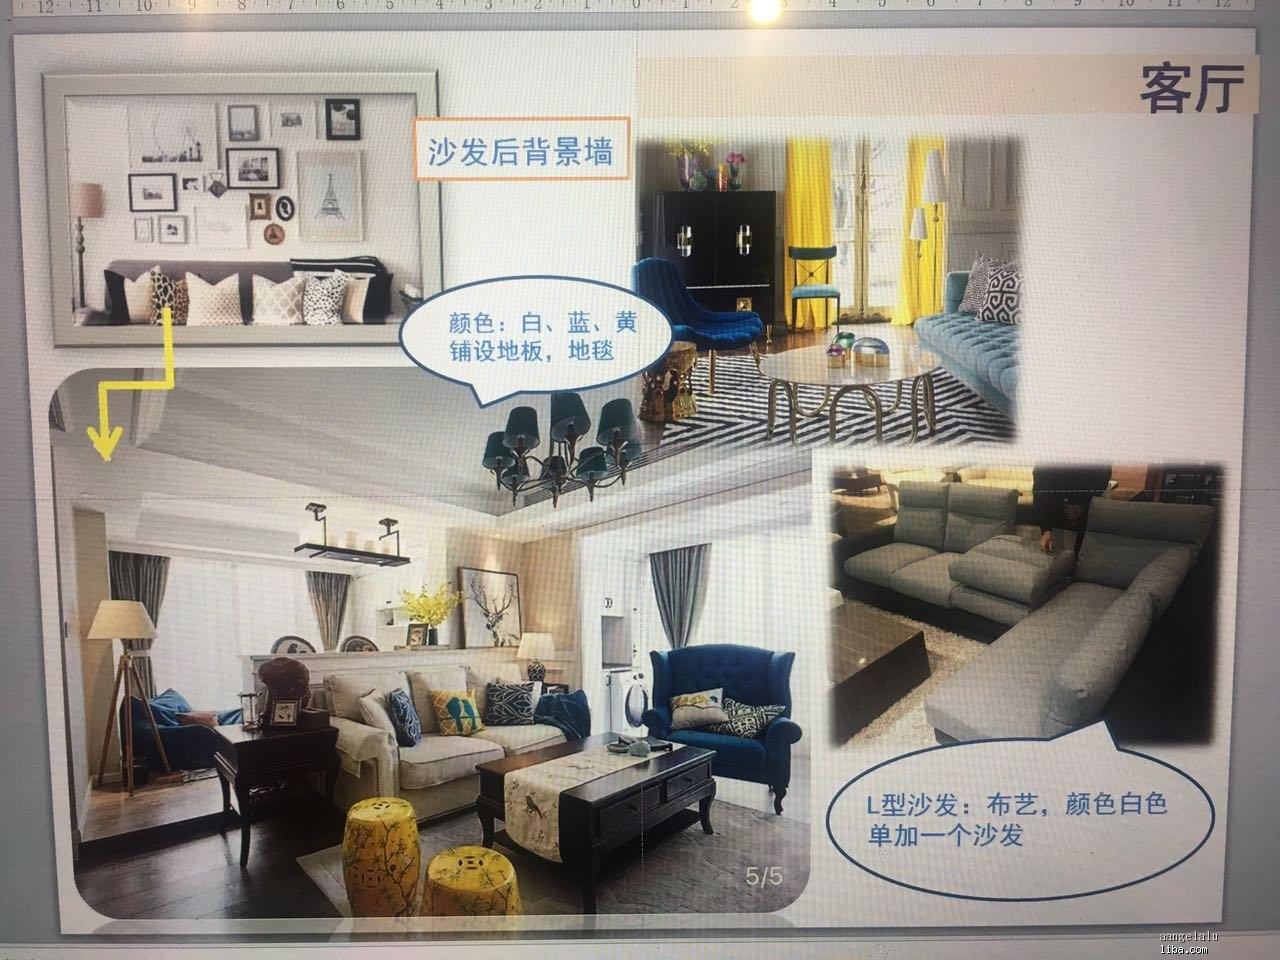 new image - lohhw.jpg